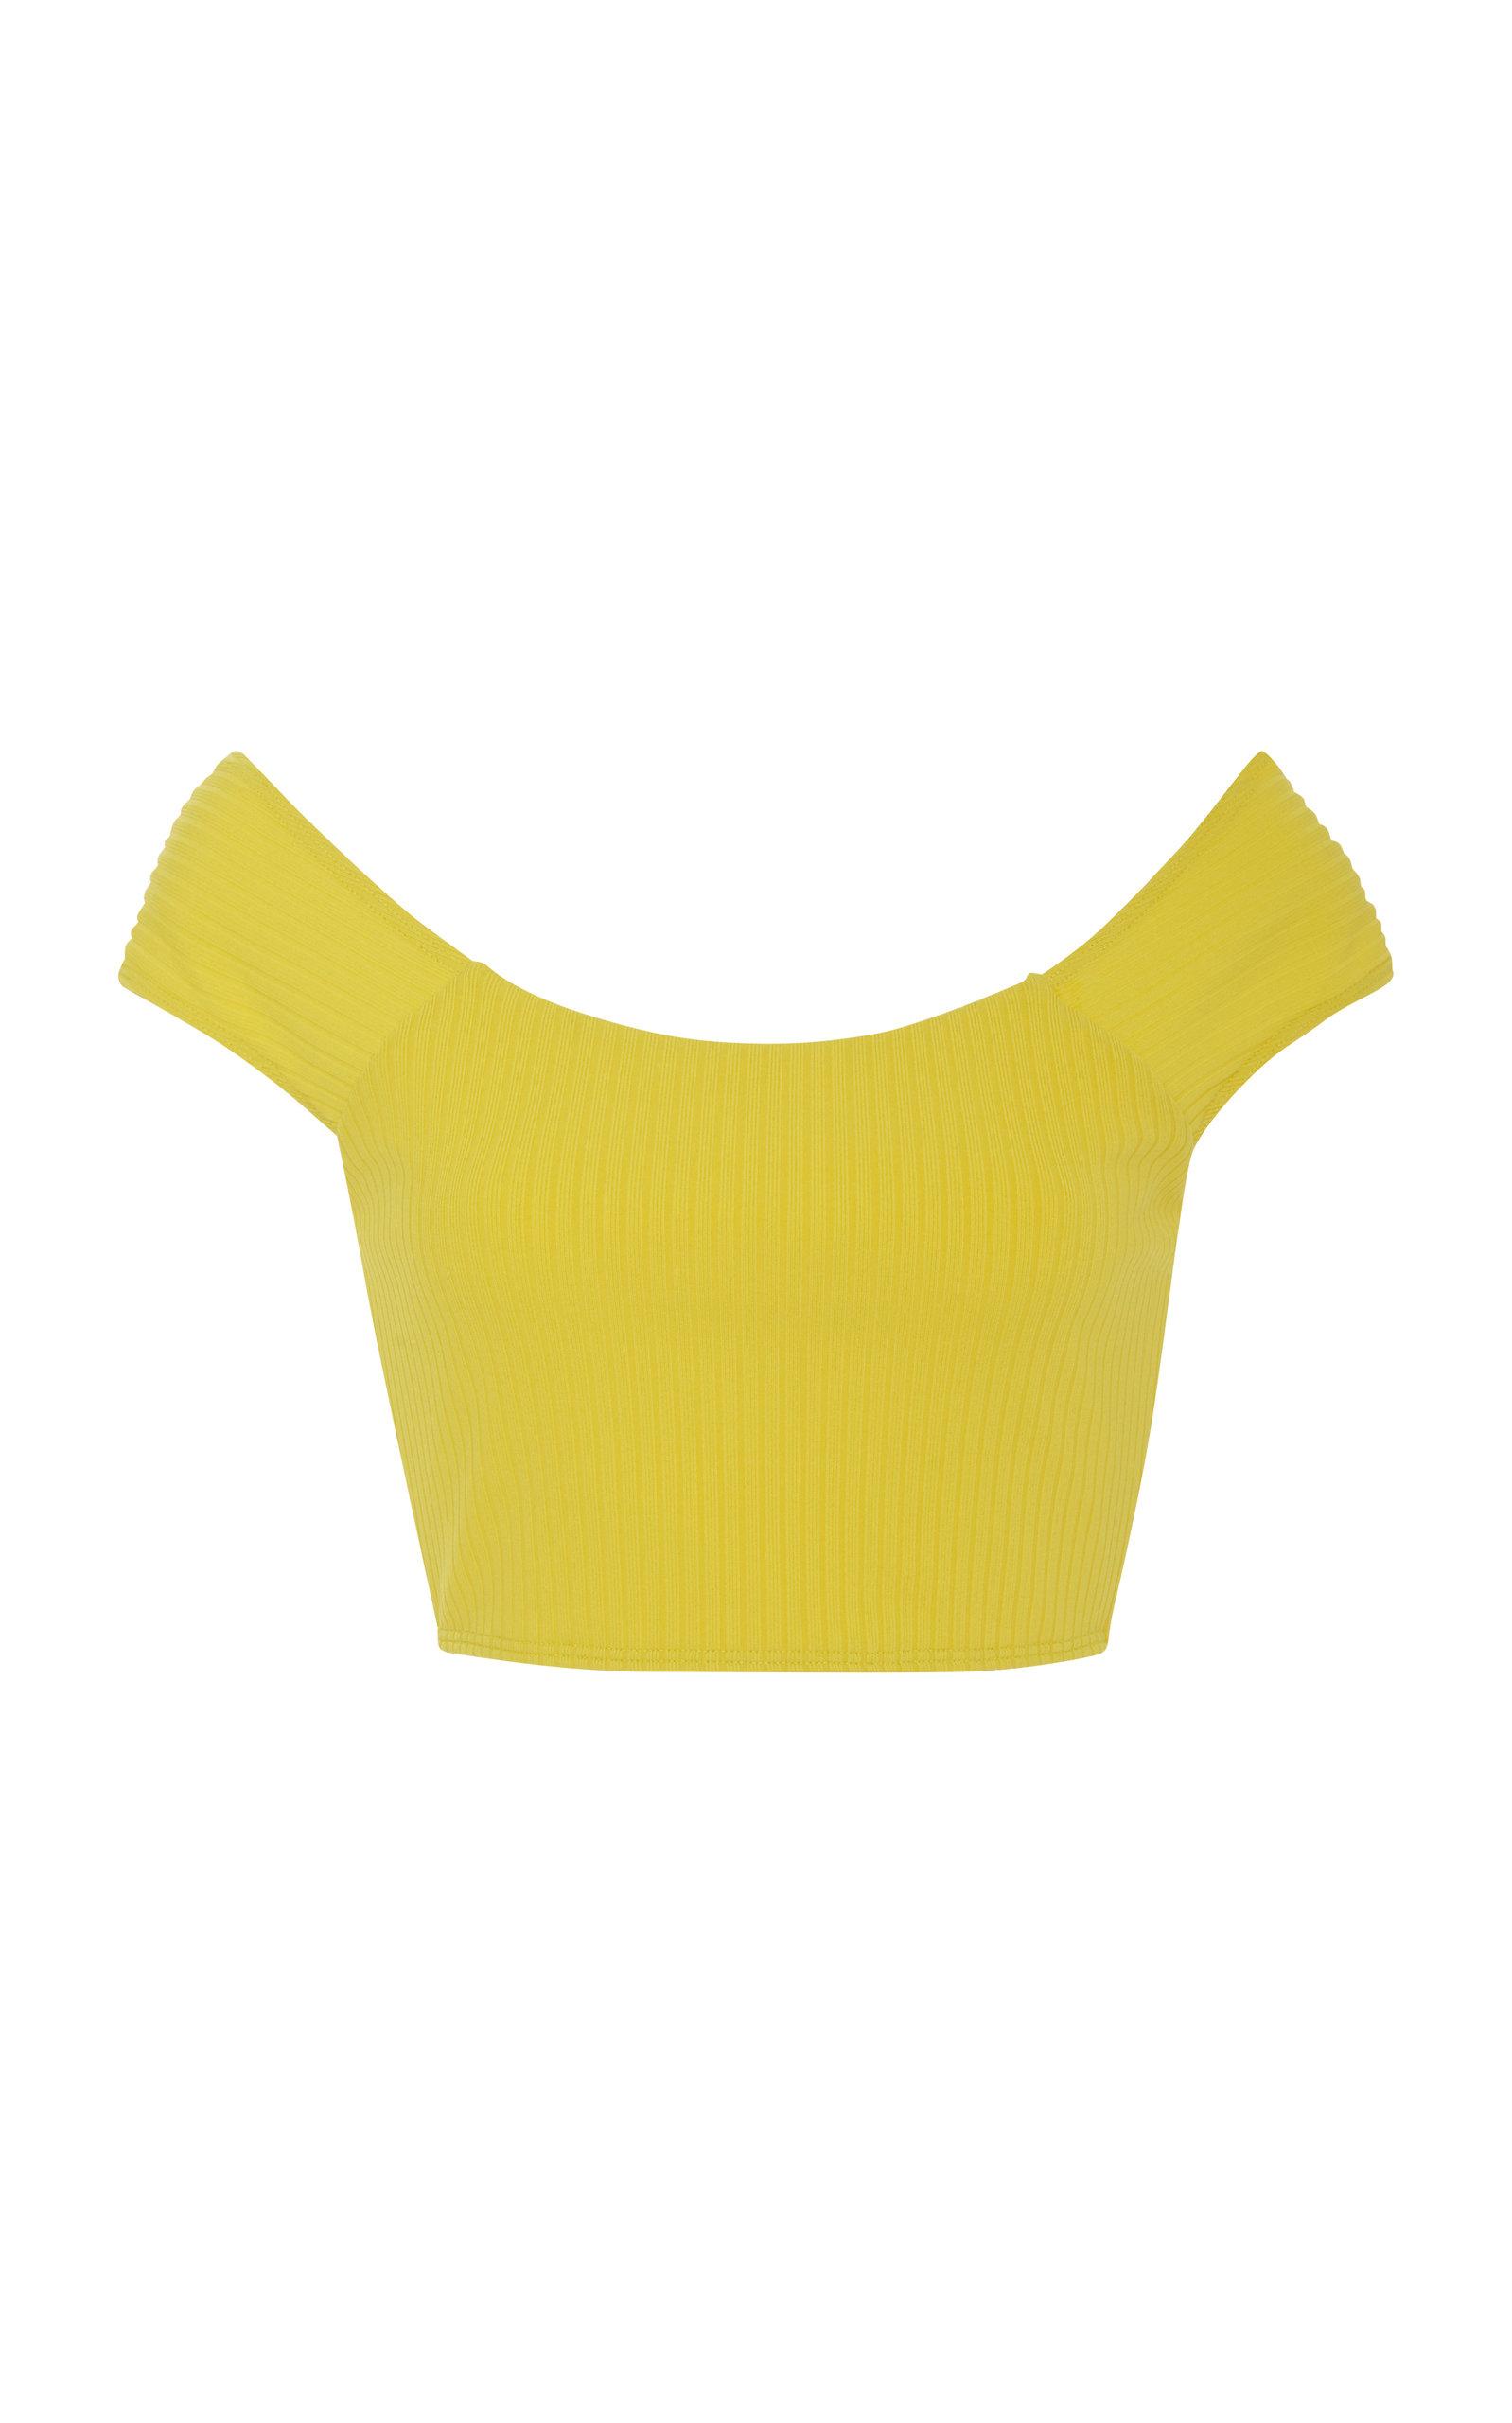 91259b52f2 Mara Hoffman Naomi Ribbed Bikini Top In Yellow